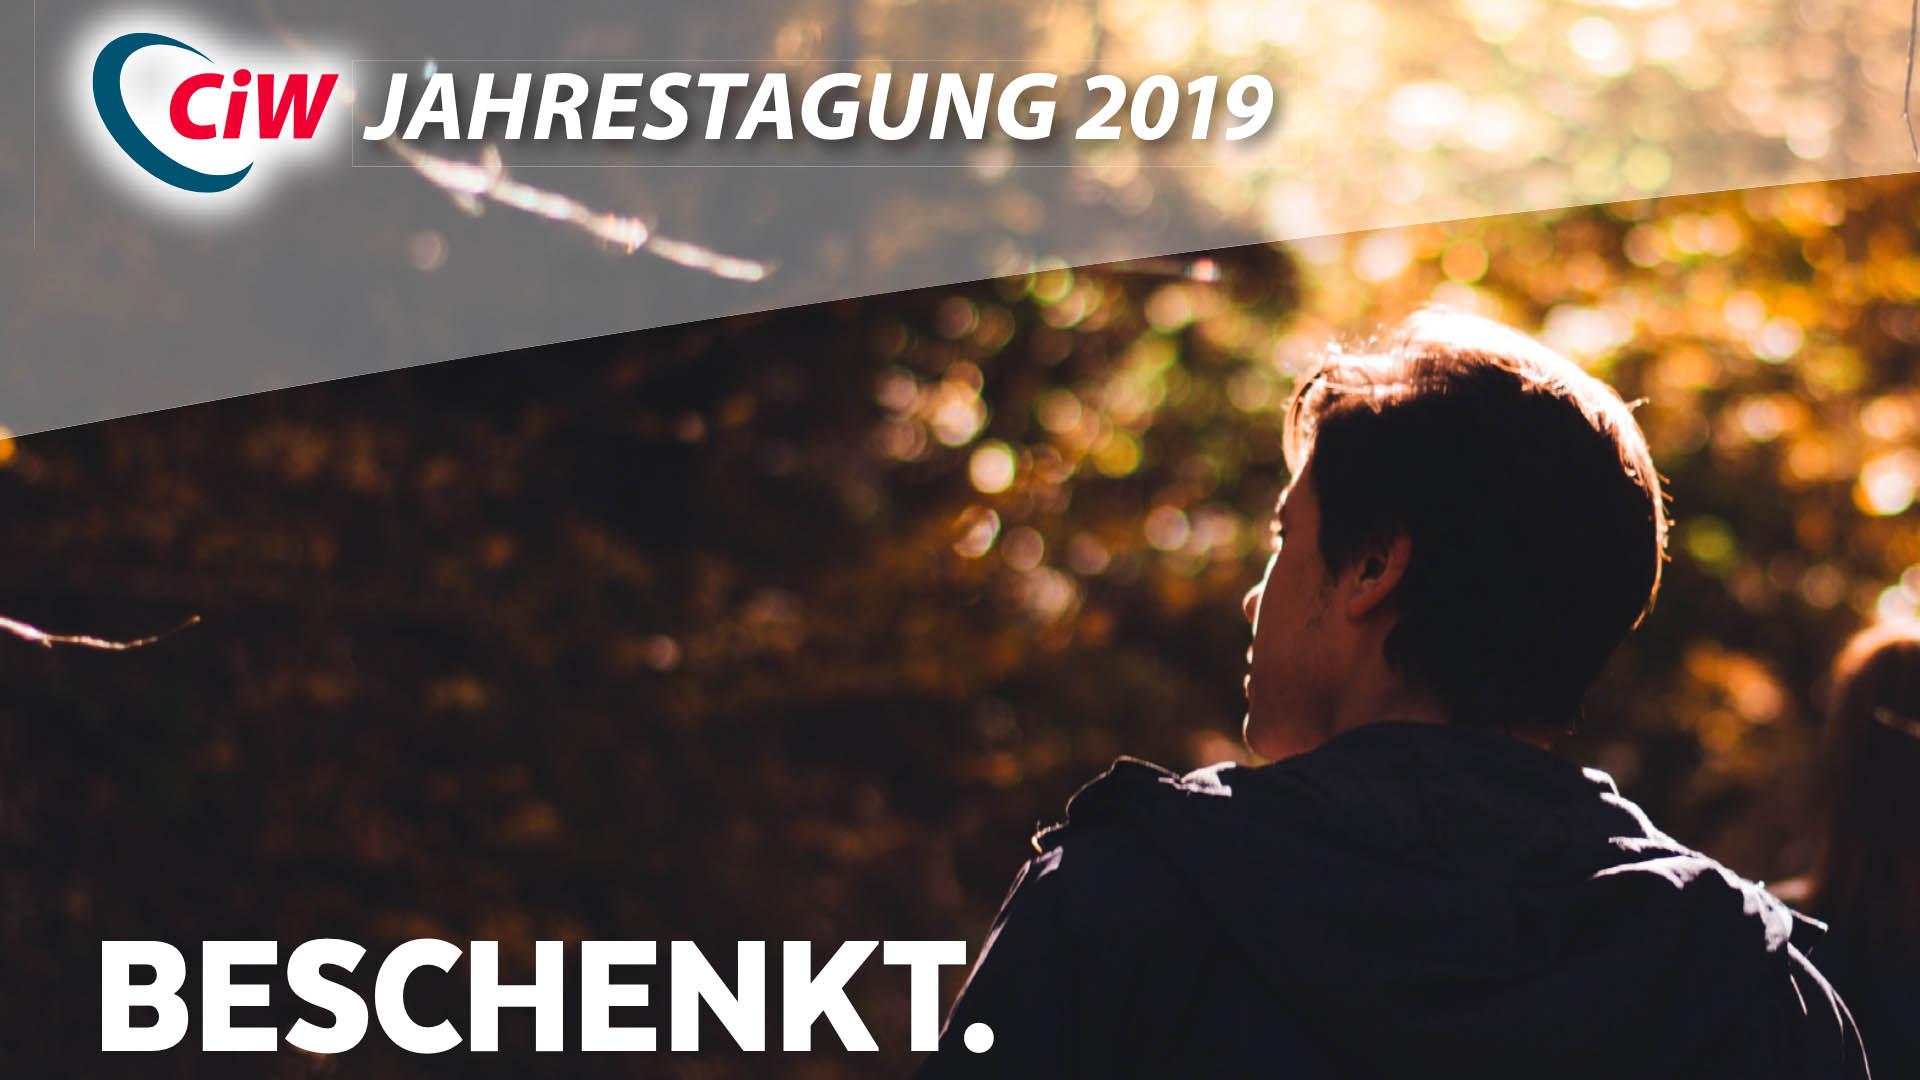 """Vom 18. bis zum 20. Oktober 2019 findet in Altenkirchen die Jahrestagung des Vereins """"Christen in der Wirtschaft"""" statt"""